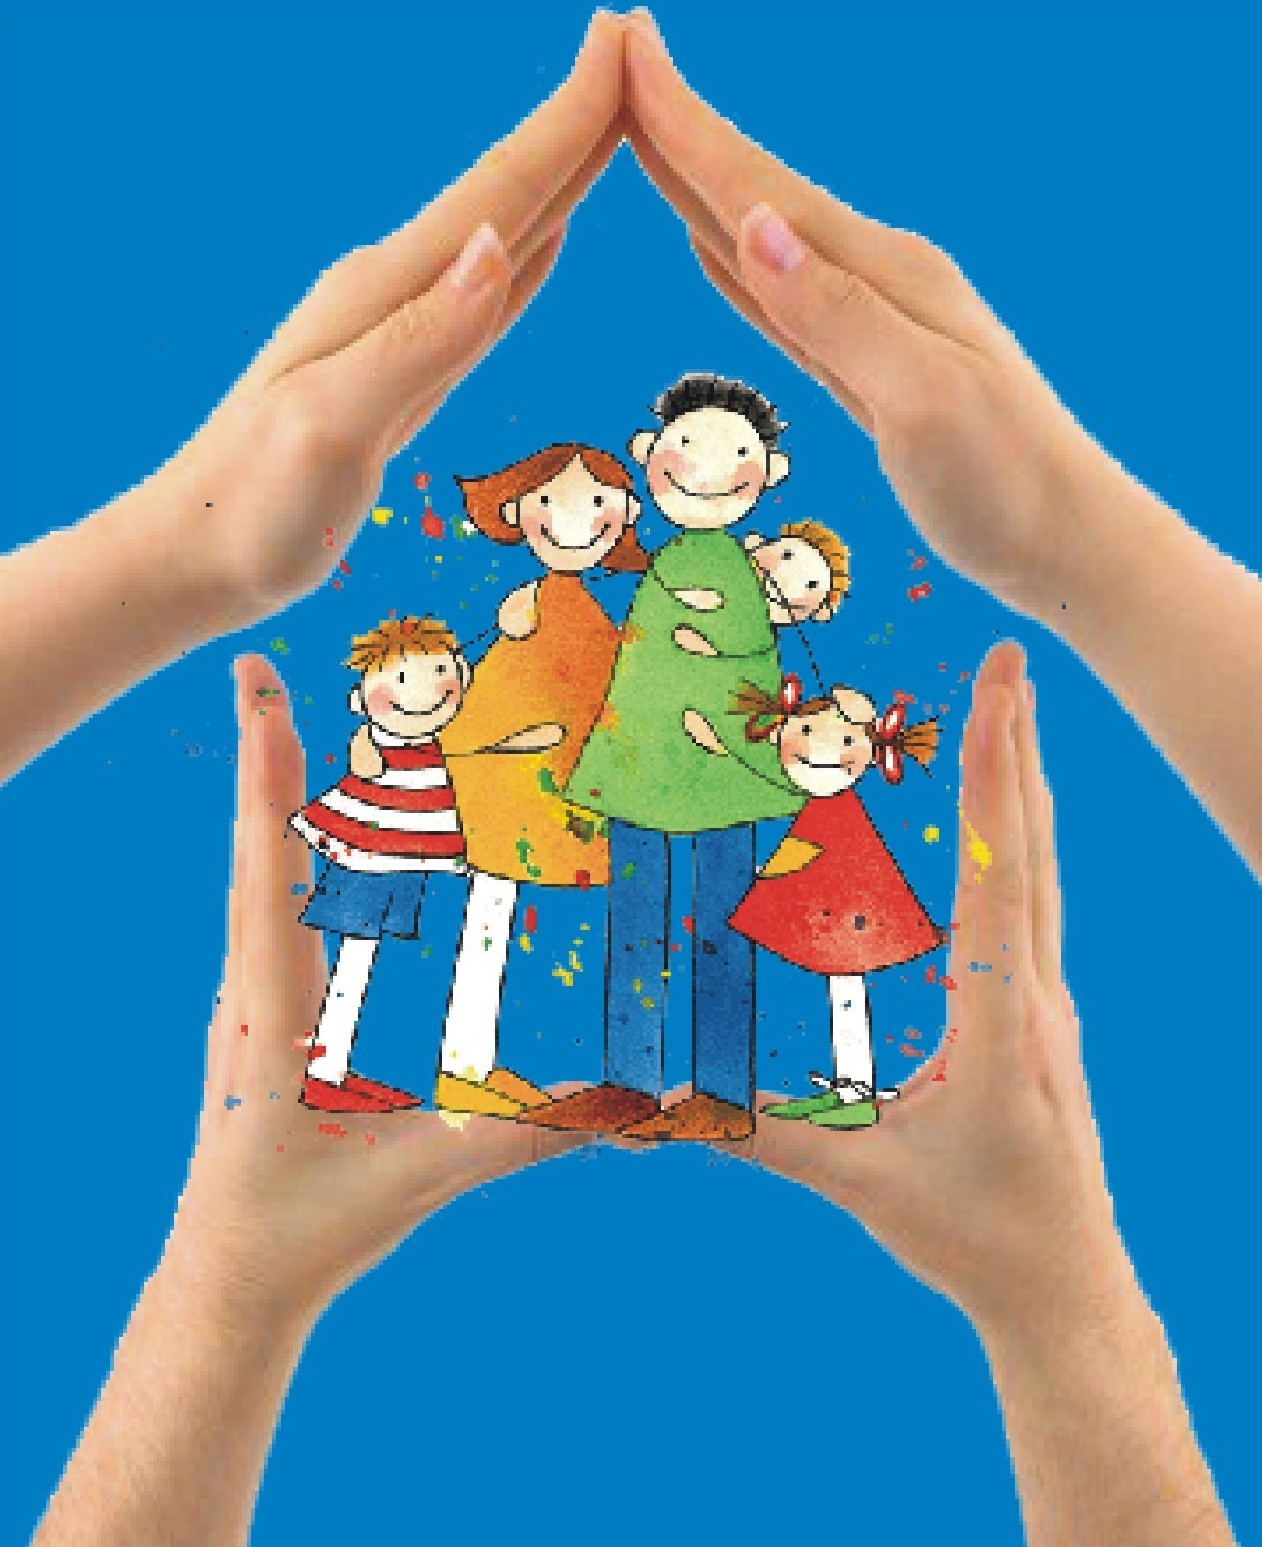 Sfratto con uno o più figli minorenni da casa in affitto. Può essere fatto o no. Leggi e normativa